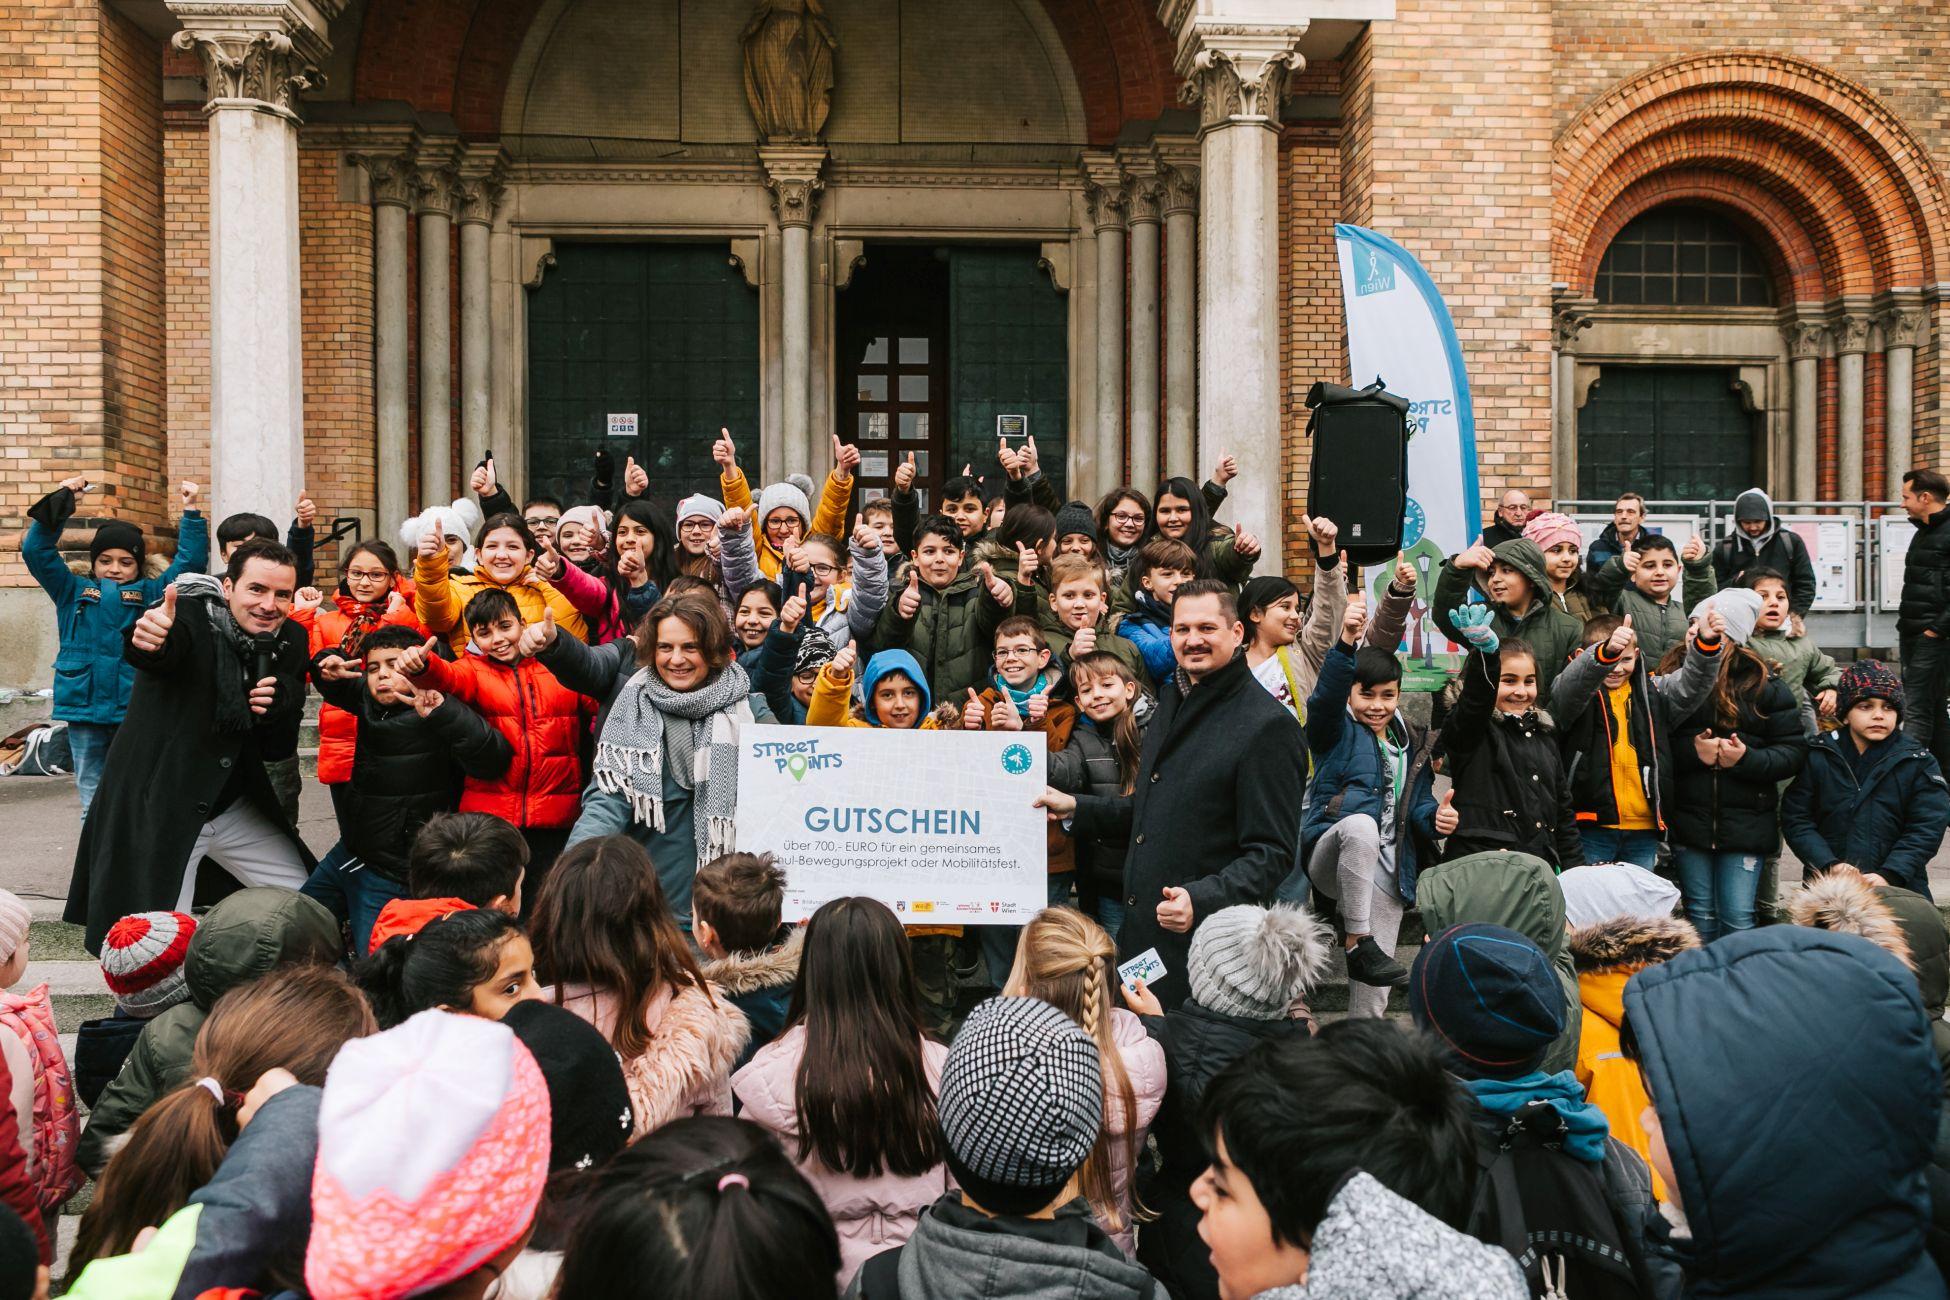 Hunderte Kinder freuten sich beim Finale von Street Points in Favoriten mit BV Franz und Fußverkehrsbeauftragter Petra Jens über hunderttausende gemeinsam gegangene Kilomter.